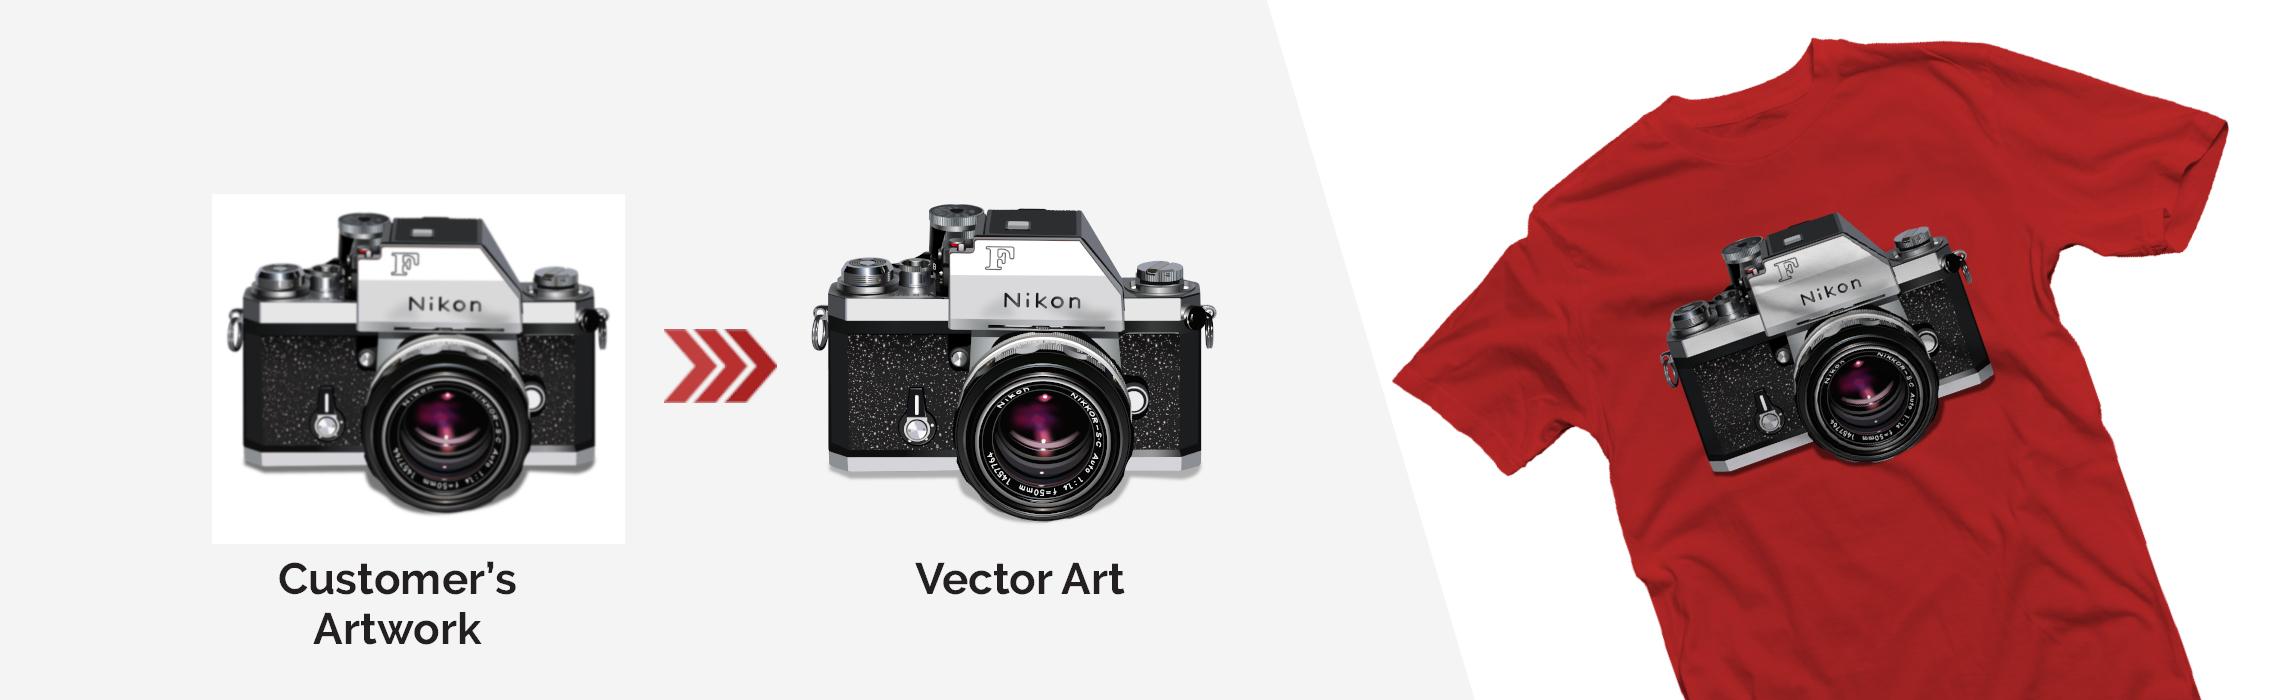 Vectors Art Service